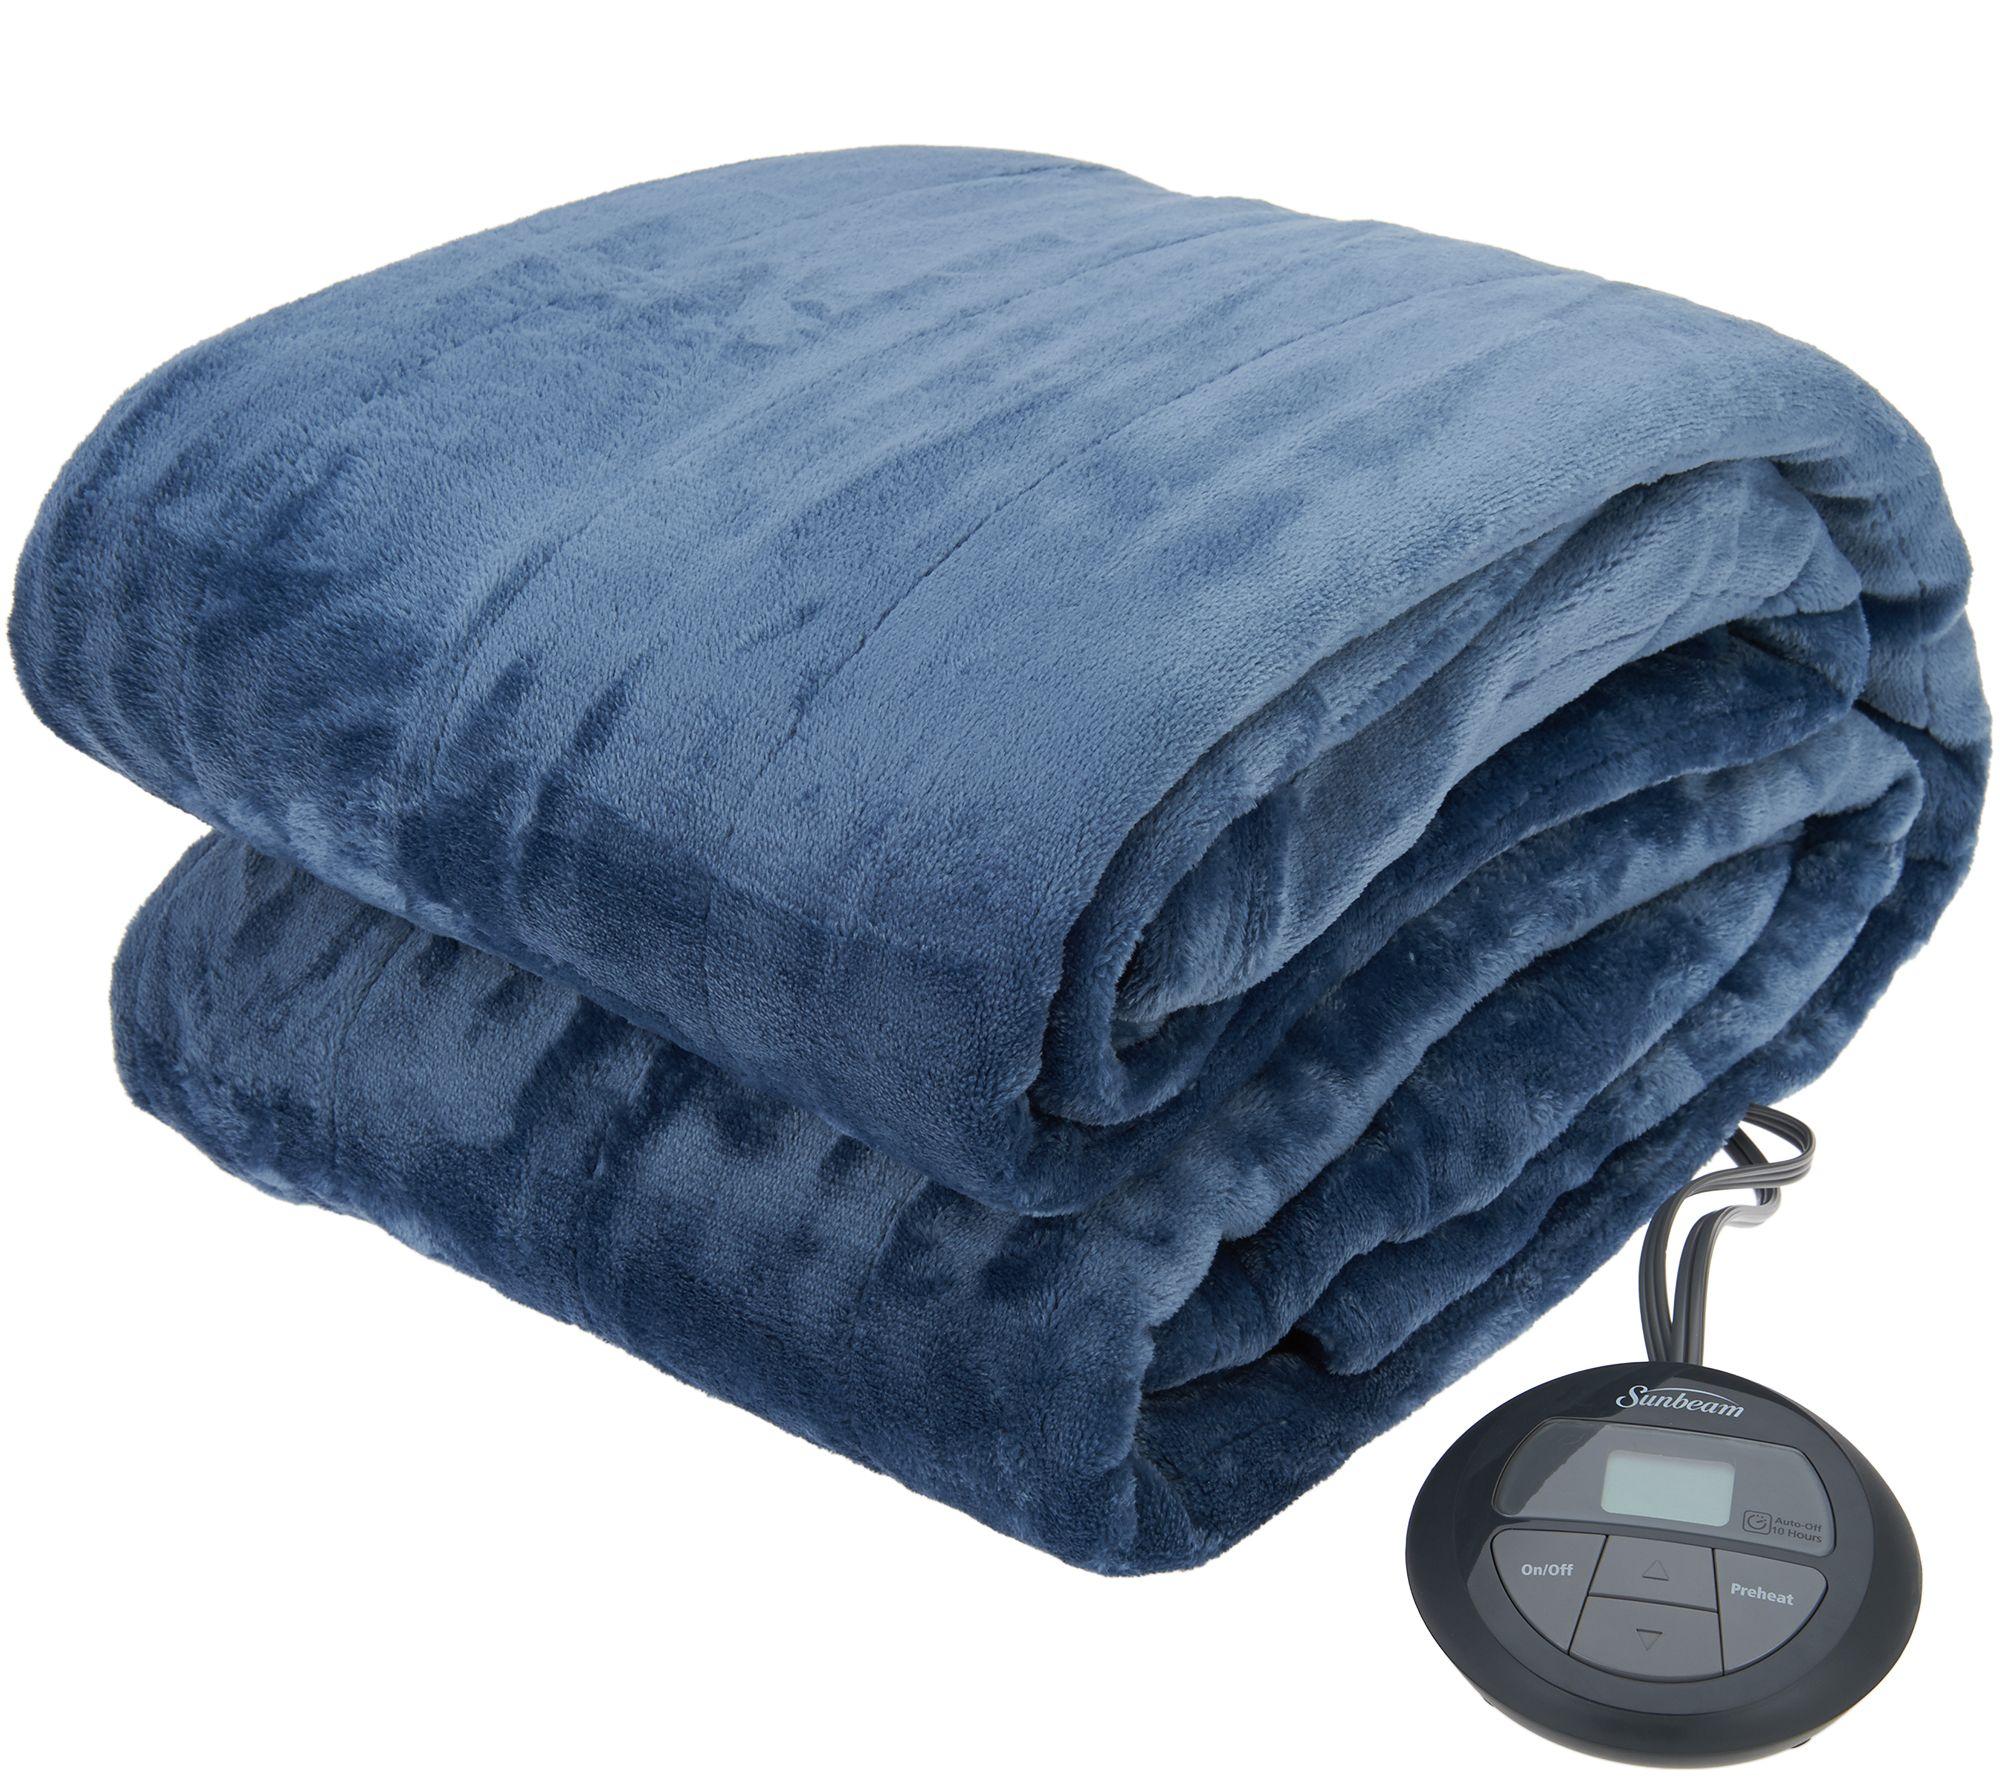 Sunbeam Velvet Plush Full Heated Blanket Page 1 Qvc Com